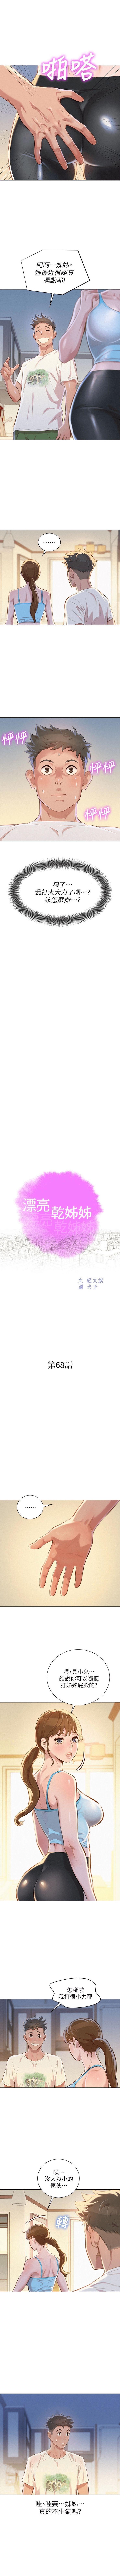 (周7)漂亮干姐姐  1-81 中文翻译 (更新中) 367